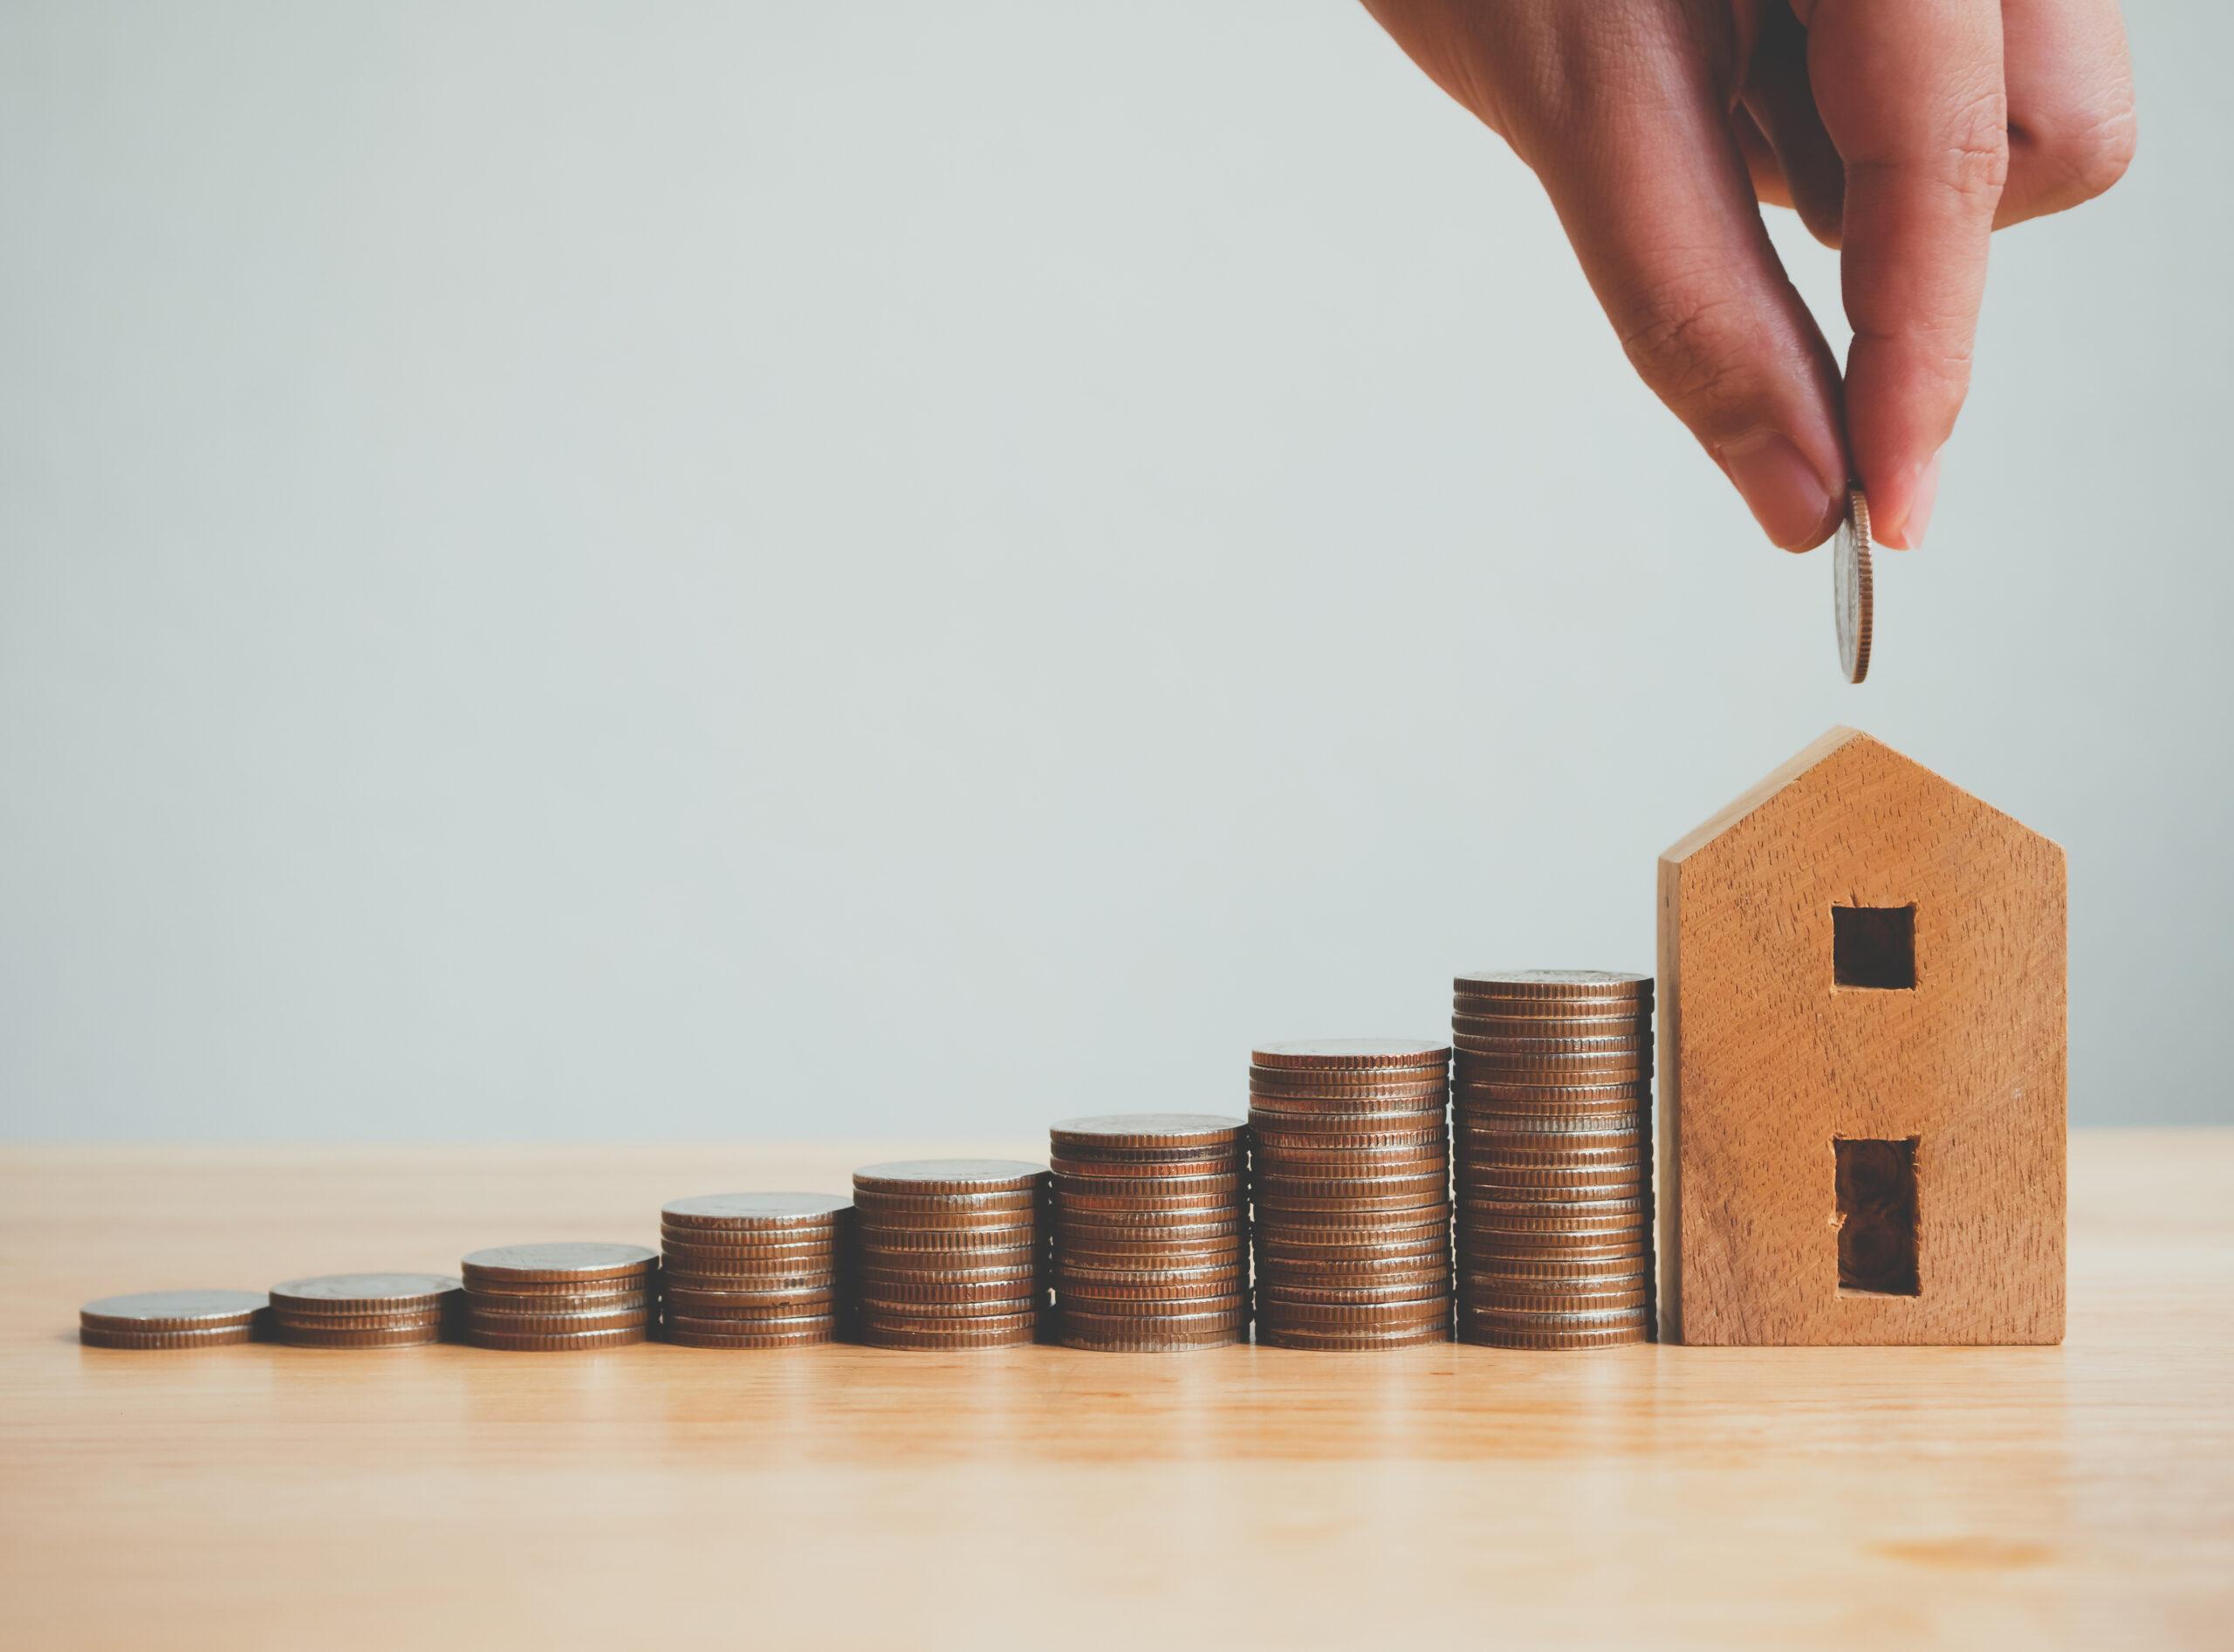 「家賃支援給付金」の申請書を安定経営につなげる4つのポイント